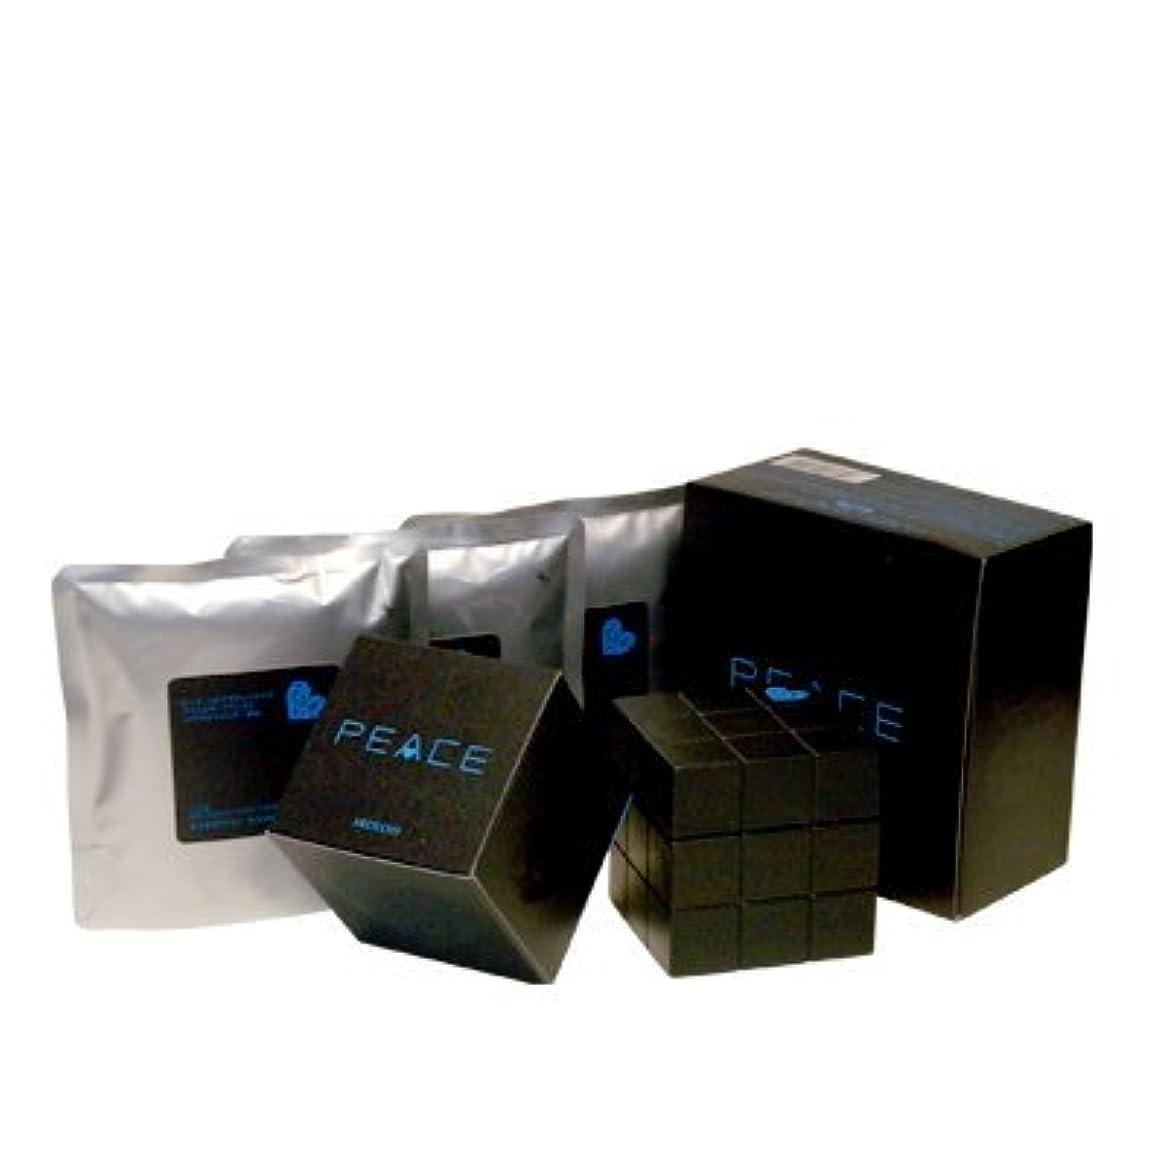 閉じ込める野望速報アリミノ ピース プロデザインシリーズ フリーズキープワックス ブラック80g+詰め替え80g×3